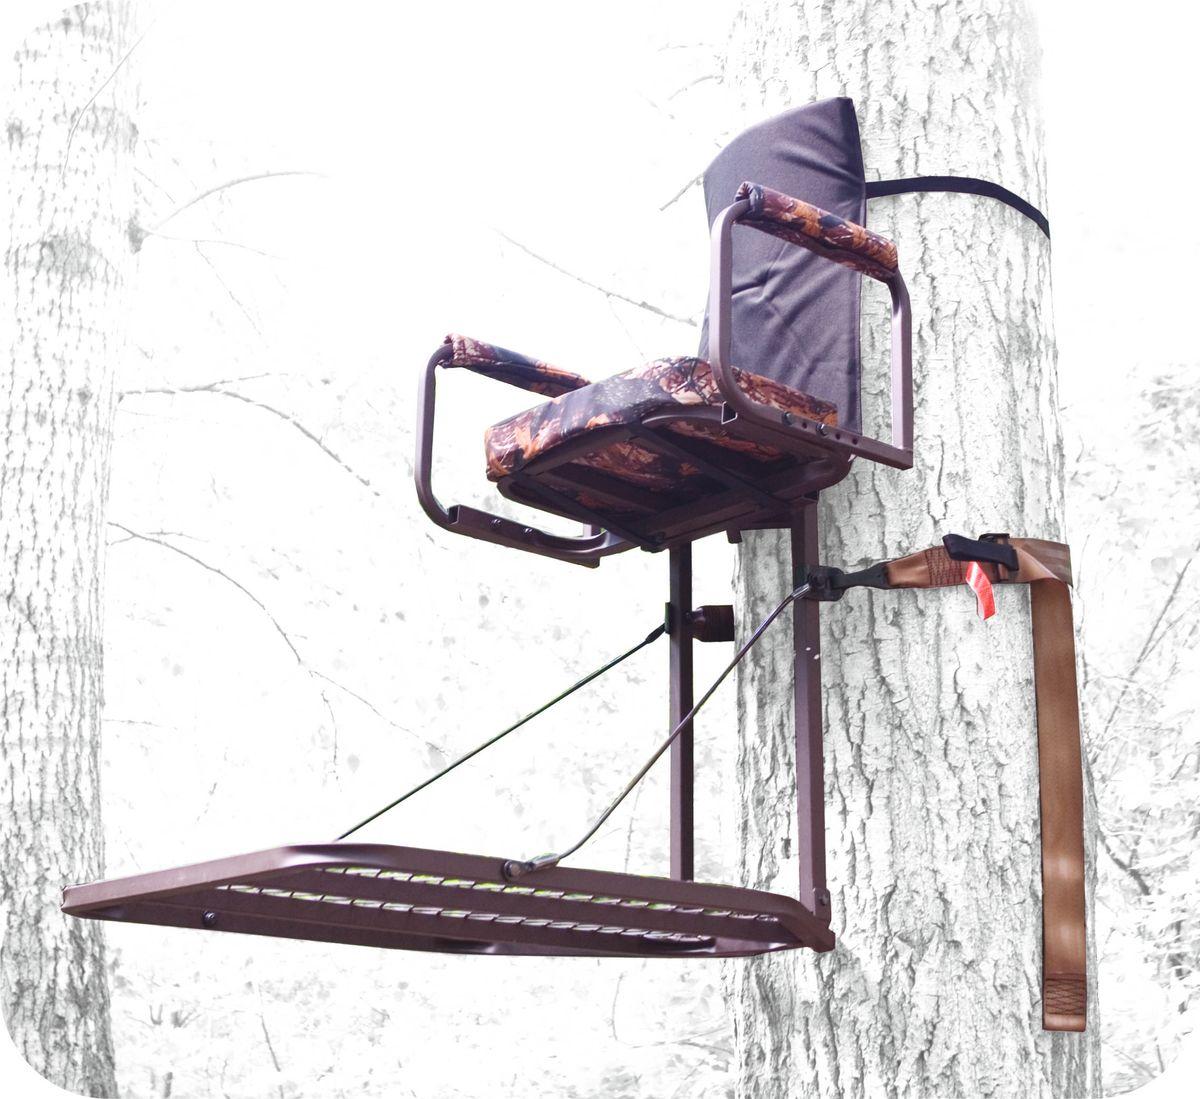 Засидка складная на дерево Canadian Camper CC-TS50130220101Засидка на дерево. Быстрое и надежное крепление к стволу дерева. Складывается для переноски за спиной как рюкзак (необходимые лямки в комплекте). Удобное съемное сиденье. Большая, решетчатая платформа для ног. Страховочная обвязка в комплекте. Размер платформы - 76,2 Х 61 см, высота сиденья - 56 см, размеры сиденья - 20,3 X 40,6 Х 5 см, цвет - небликующий коричневый, материал - сталь, нагрузка - 136 кг, собственный вес - 8,6 кг.